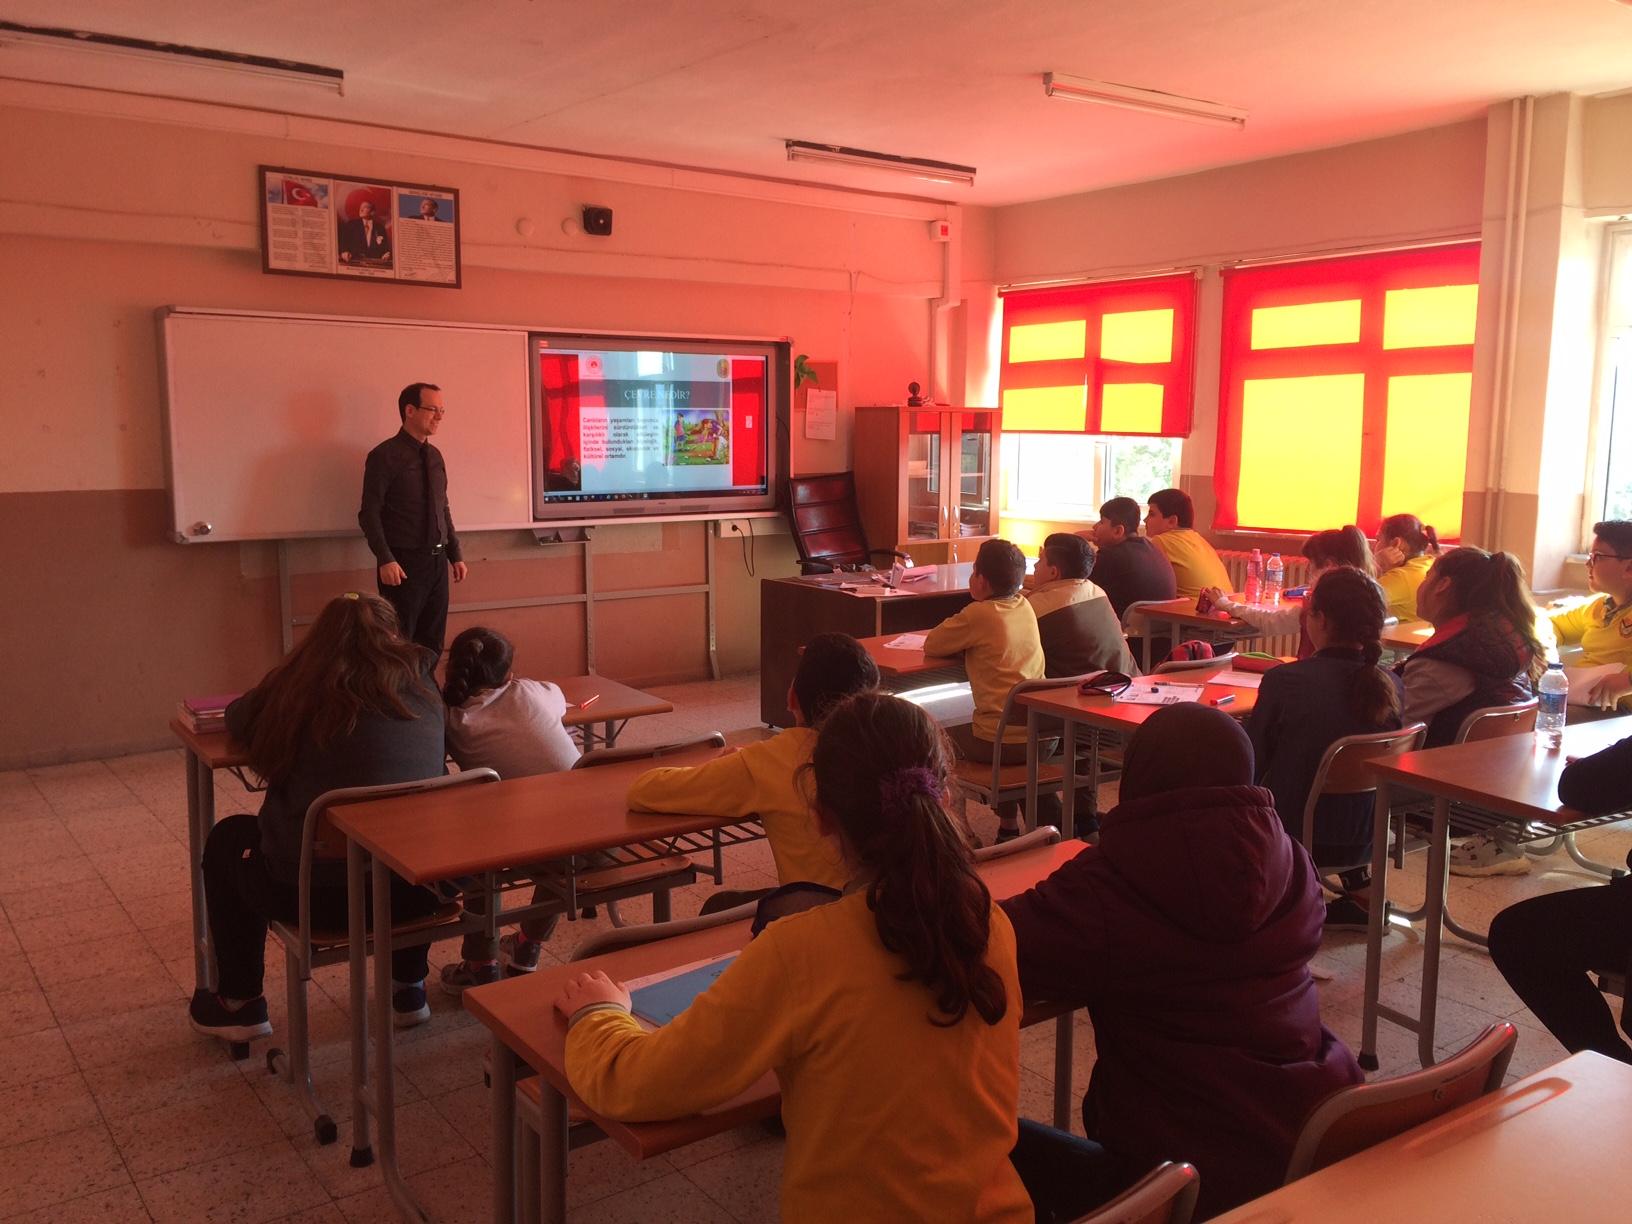 Kızılelma Ortaokulu'nda Sıfır Atık Konulu Eğitim Verildi